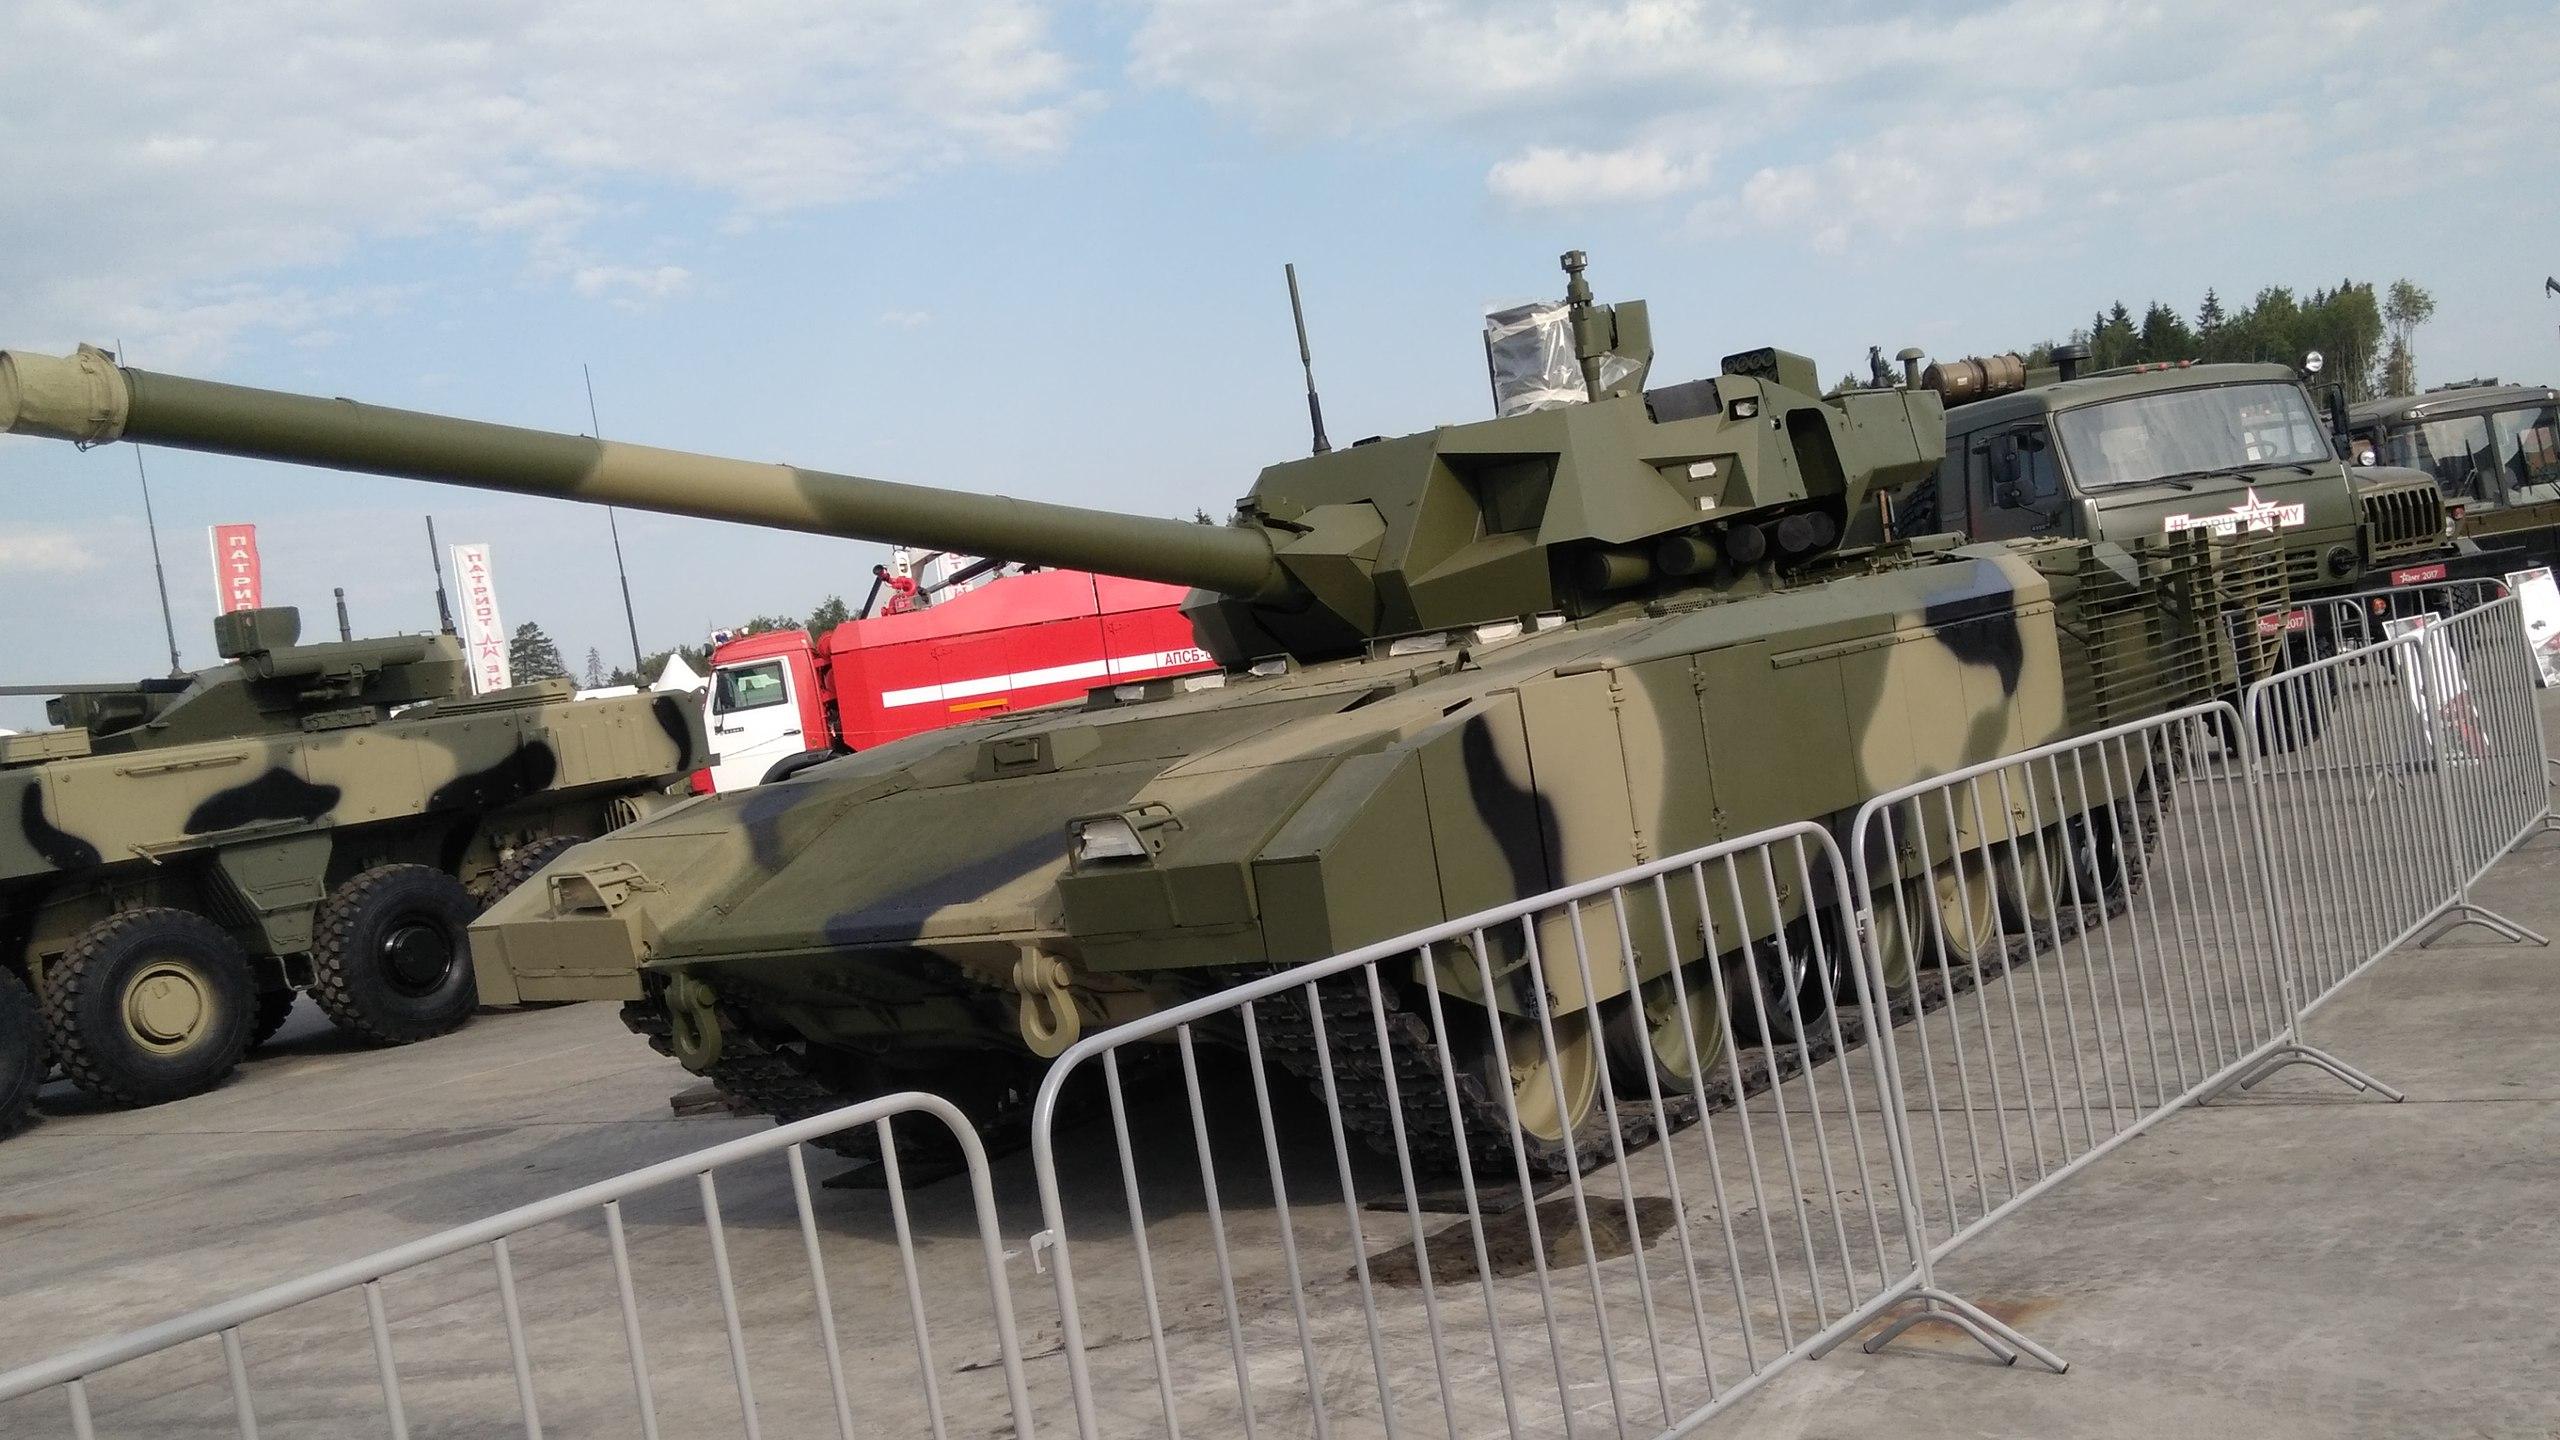 Armija-Nemzetközi haditechnikai fórum és kiállítás G9Q-gDMTWvs